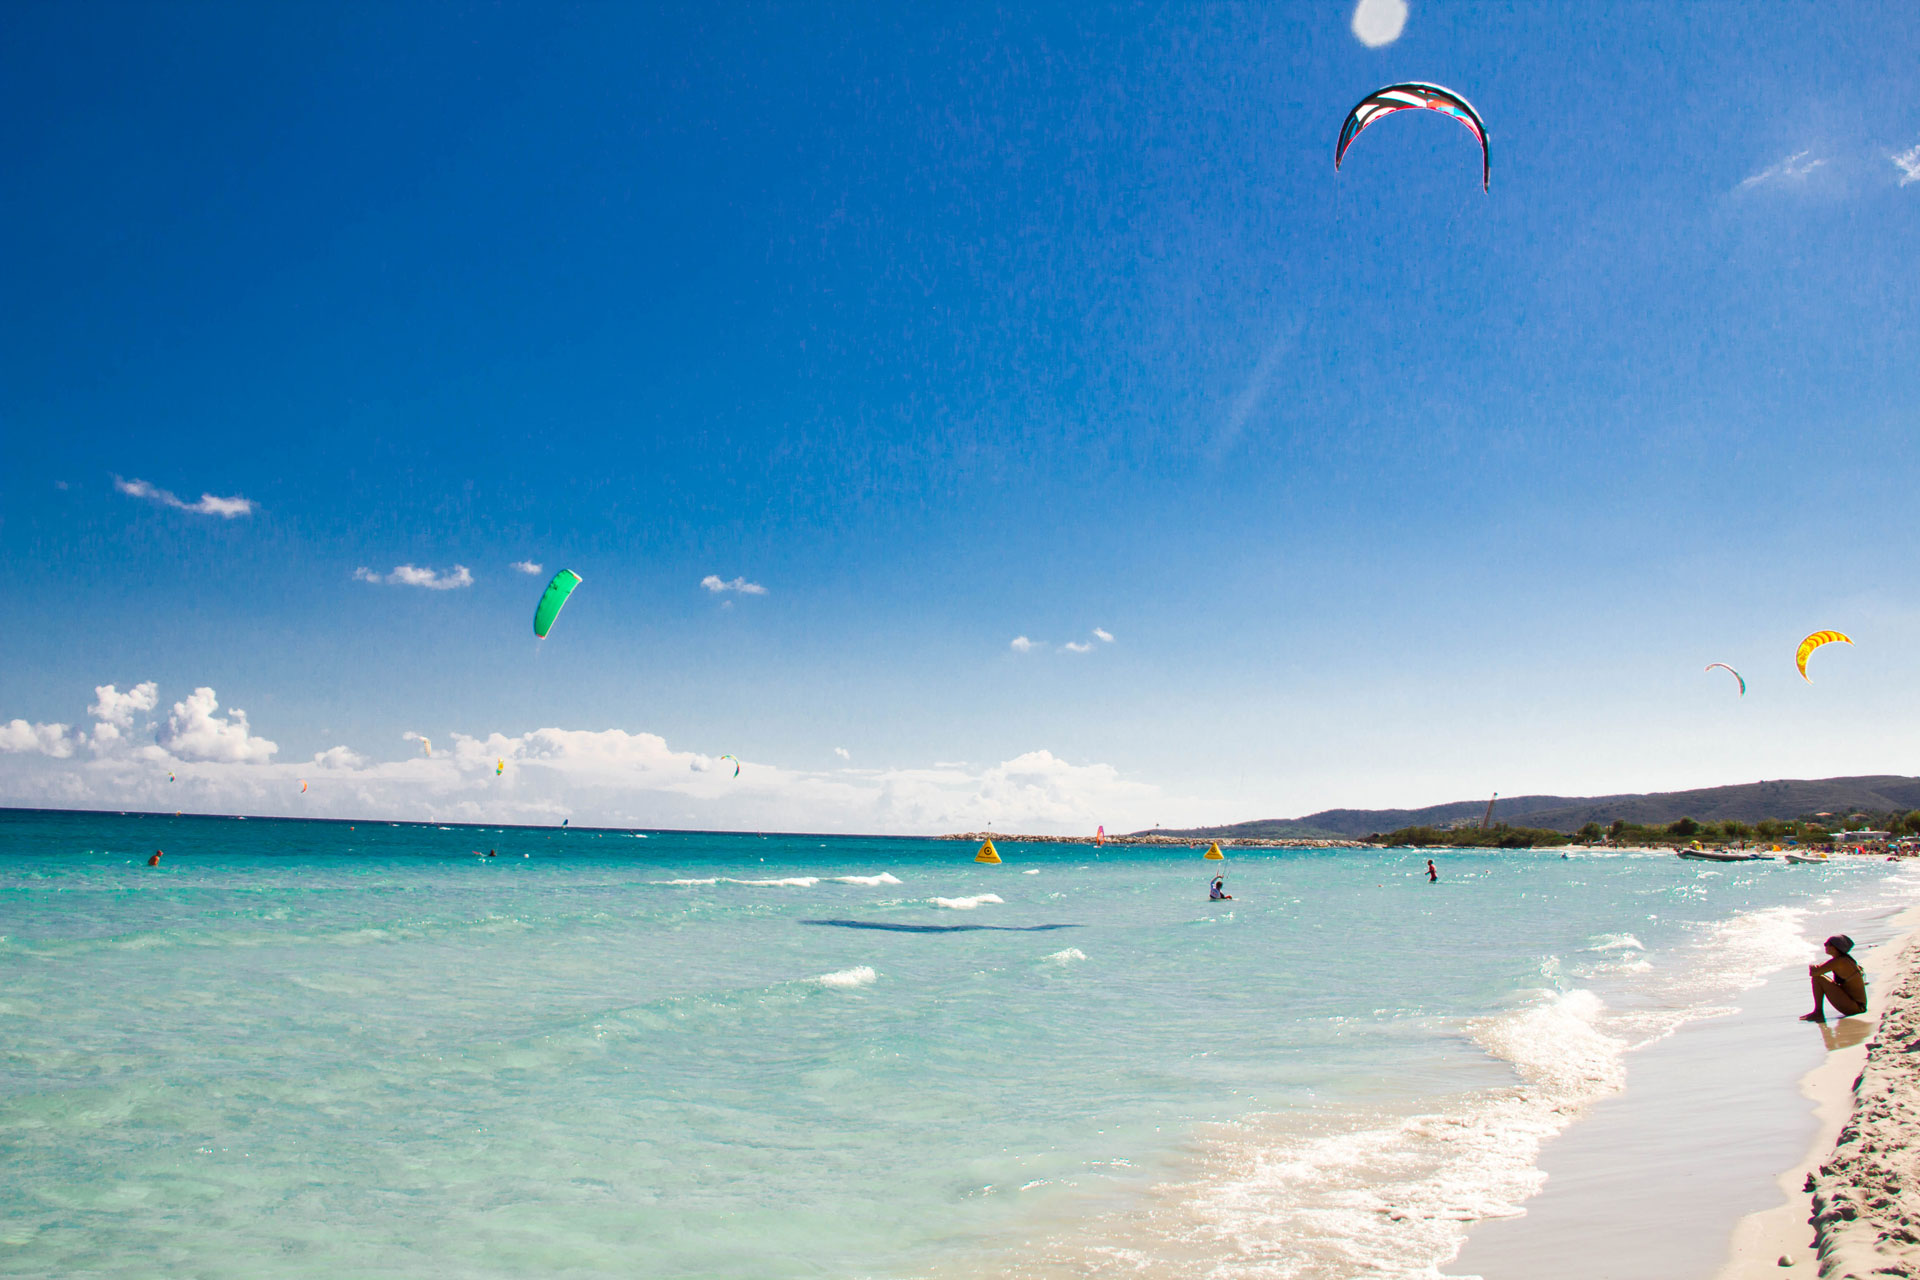 dove fare kitesurf in sardegna